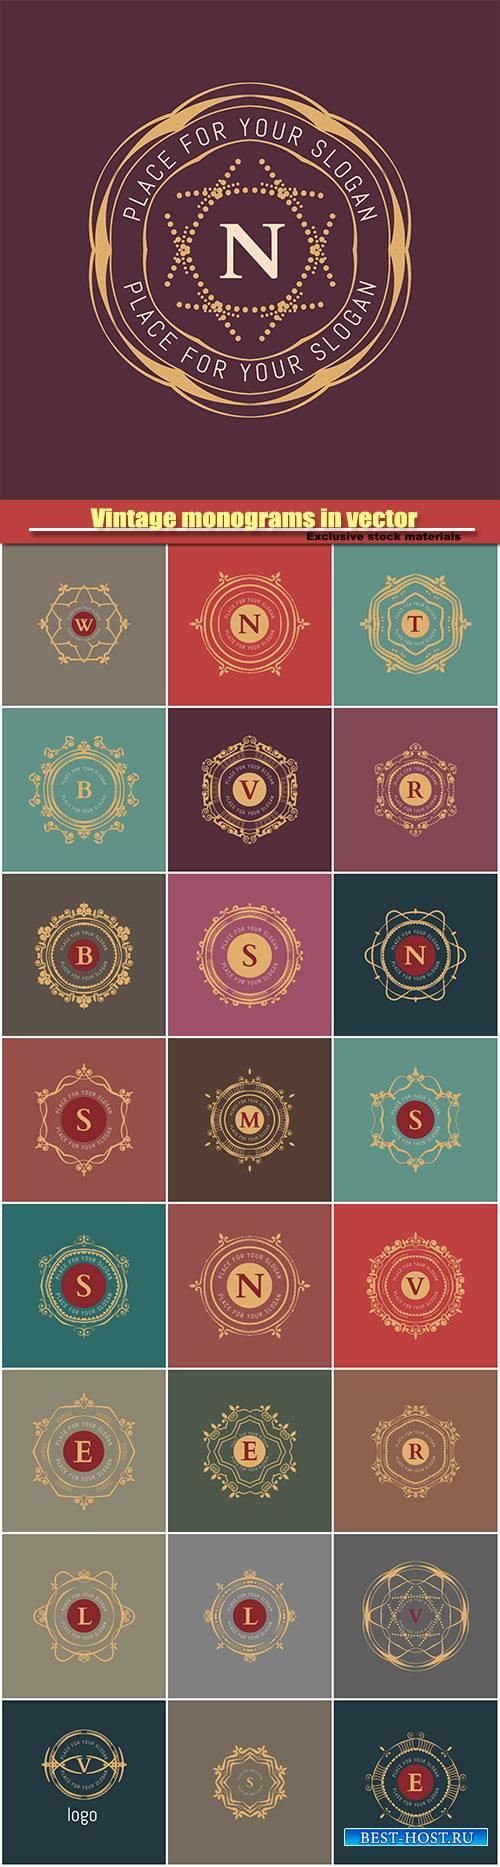 Vintage monograms in vector, logos